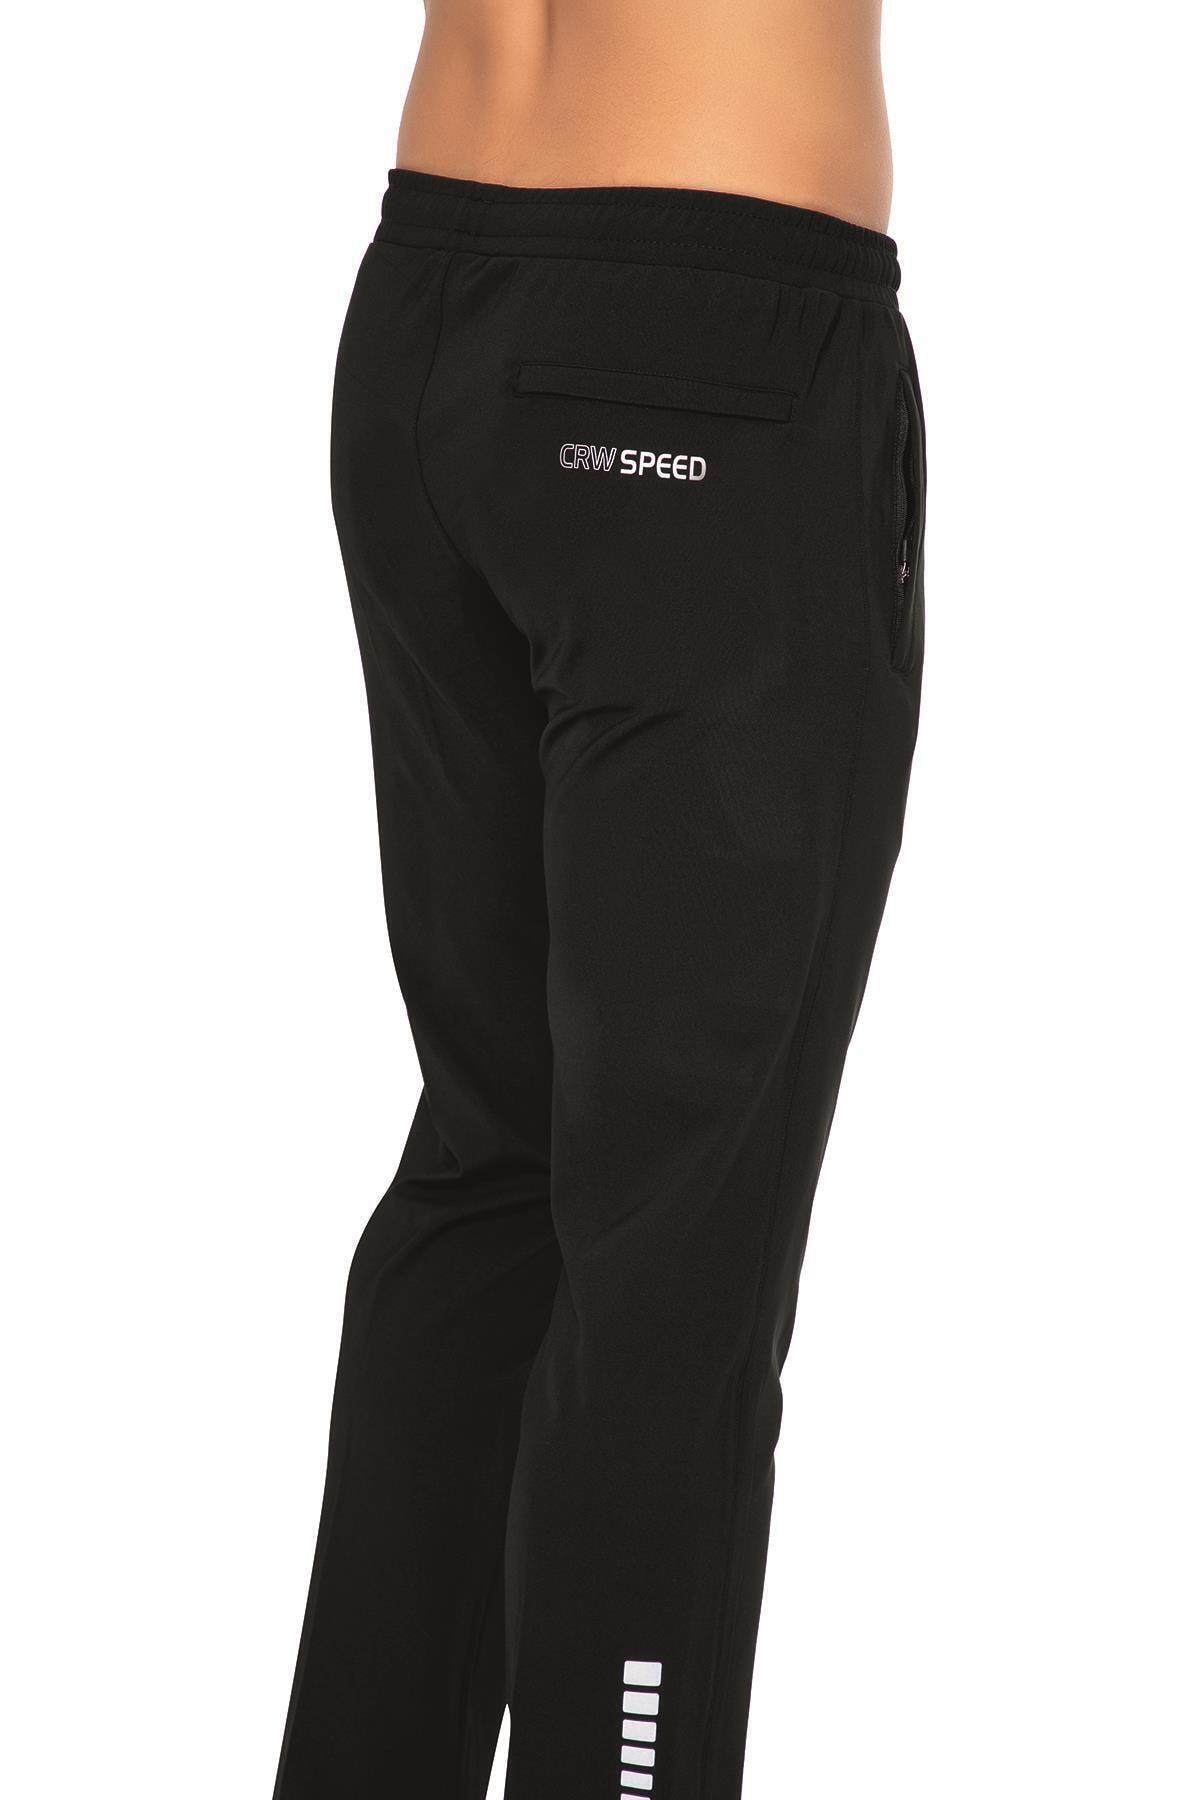 Crozwise Dalgıç Erkek Pantolon 1